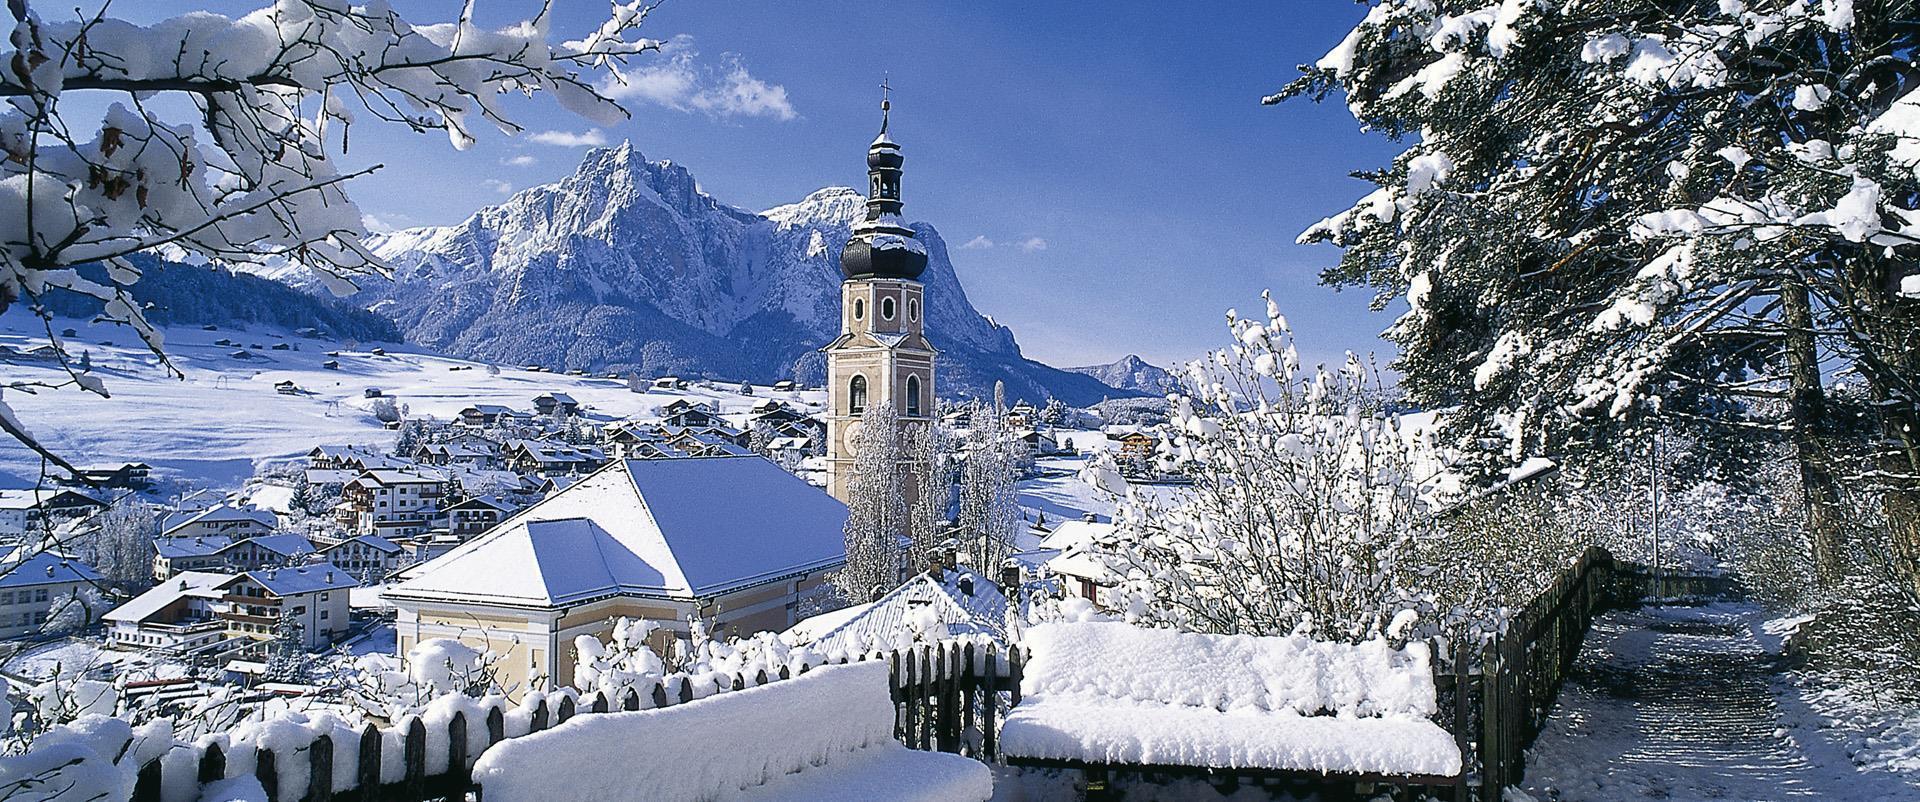 Vacanze Castelrotto - Il centro dell\'Alpe di Siusi